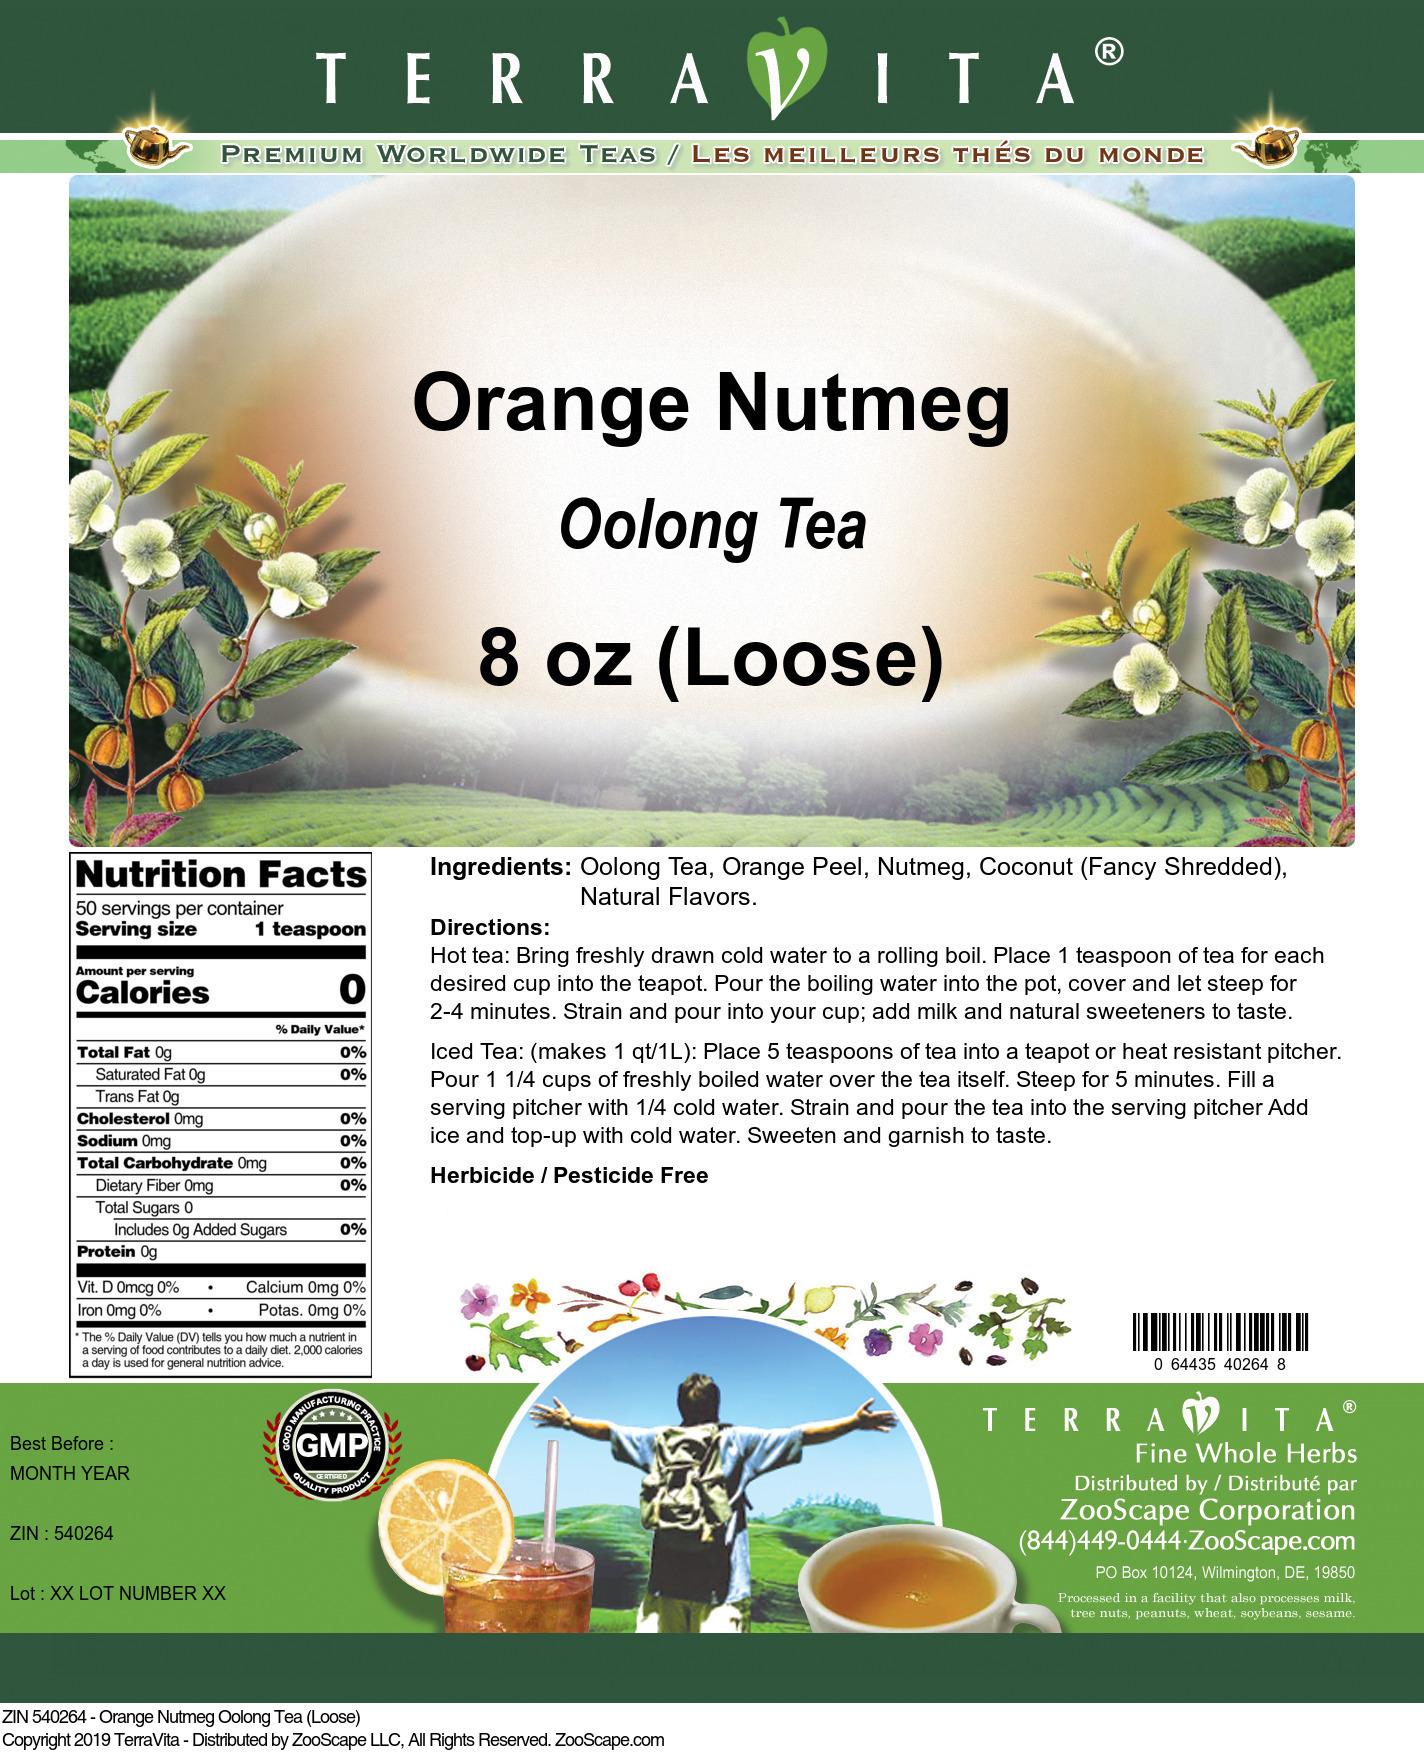 Orange Nutmeg Oolong Tea (Loose)